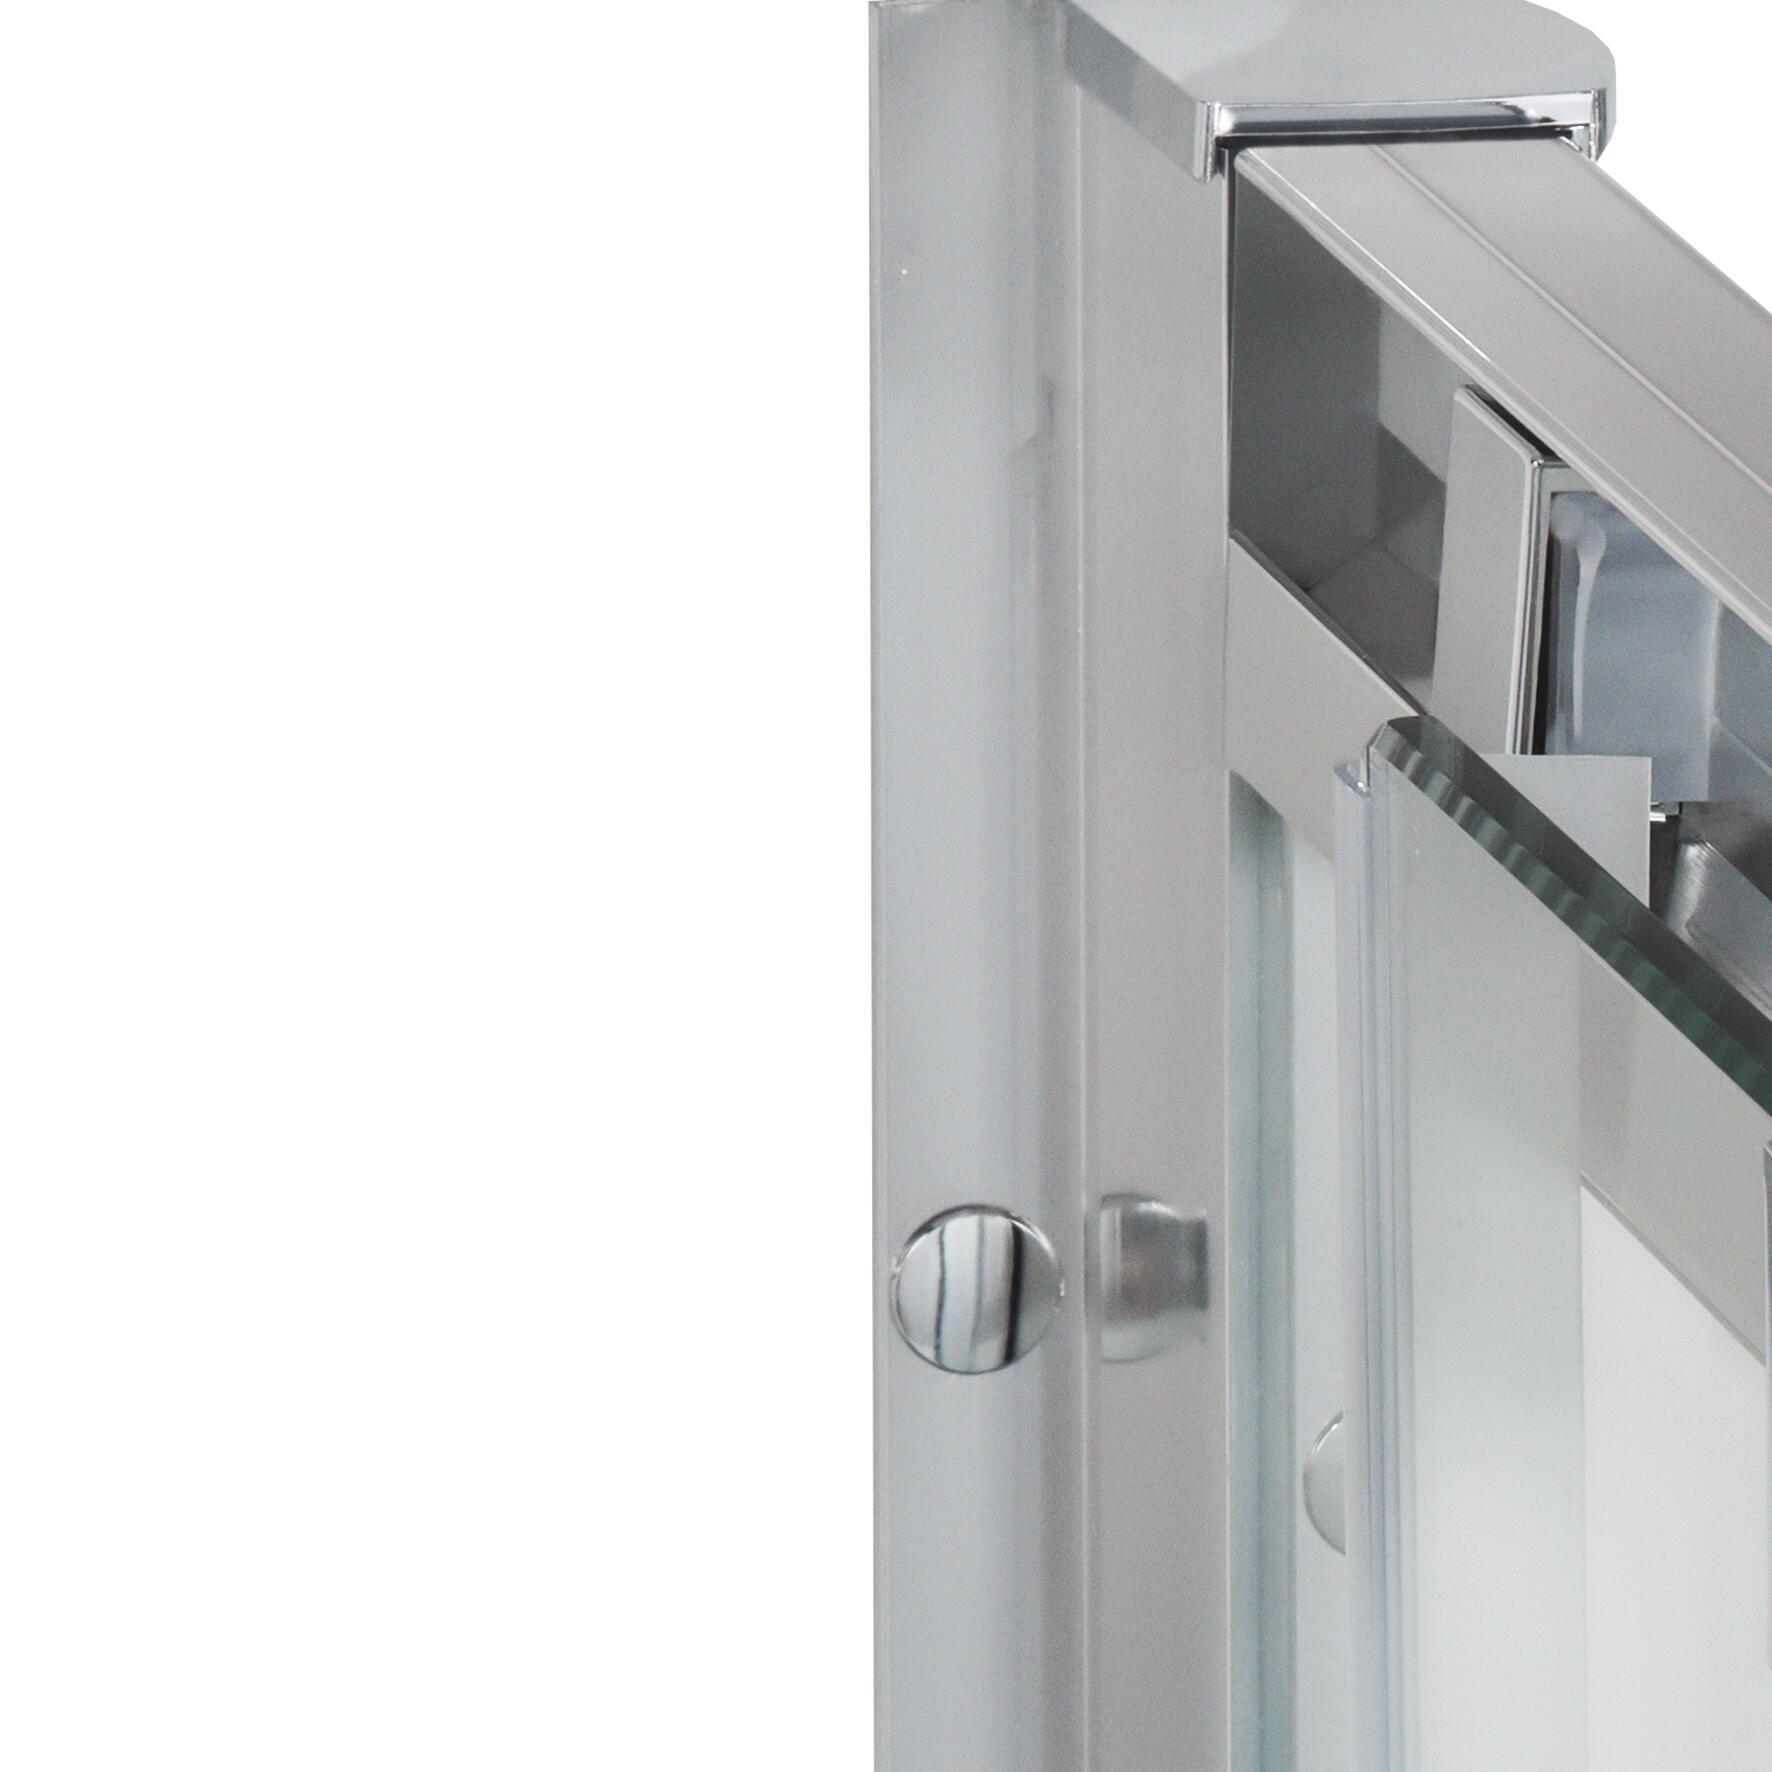 Box doccia rettangolare scorrevole Quad 80 x 100 cm, H 190 cm in vetro temprato, spessore 6 mm serigrafato argento - 7